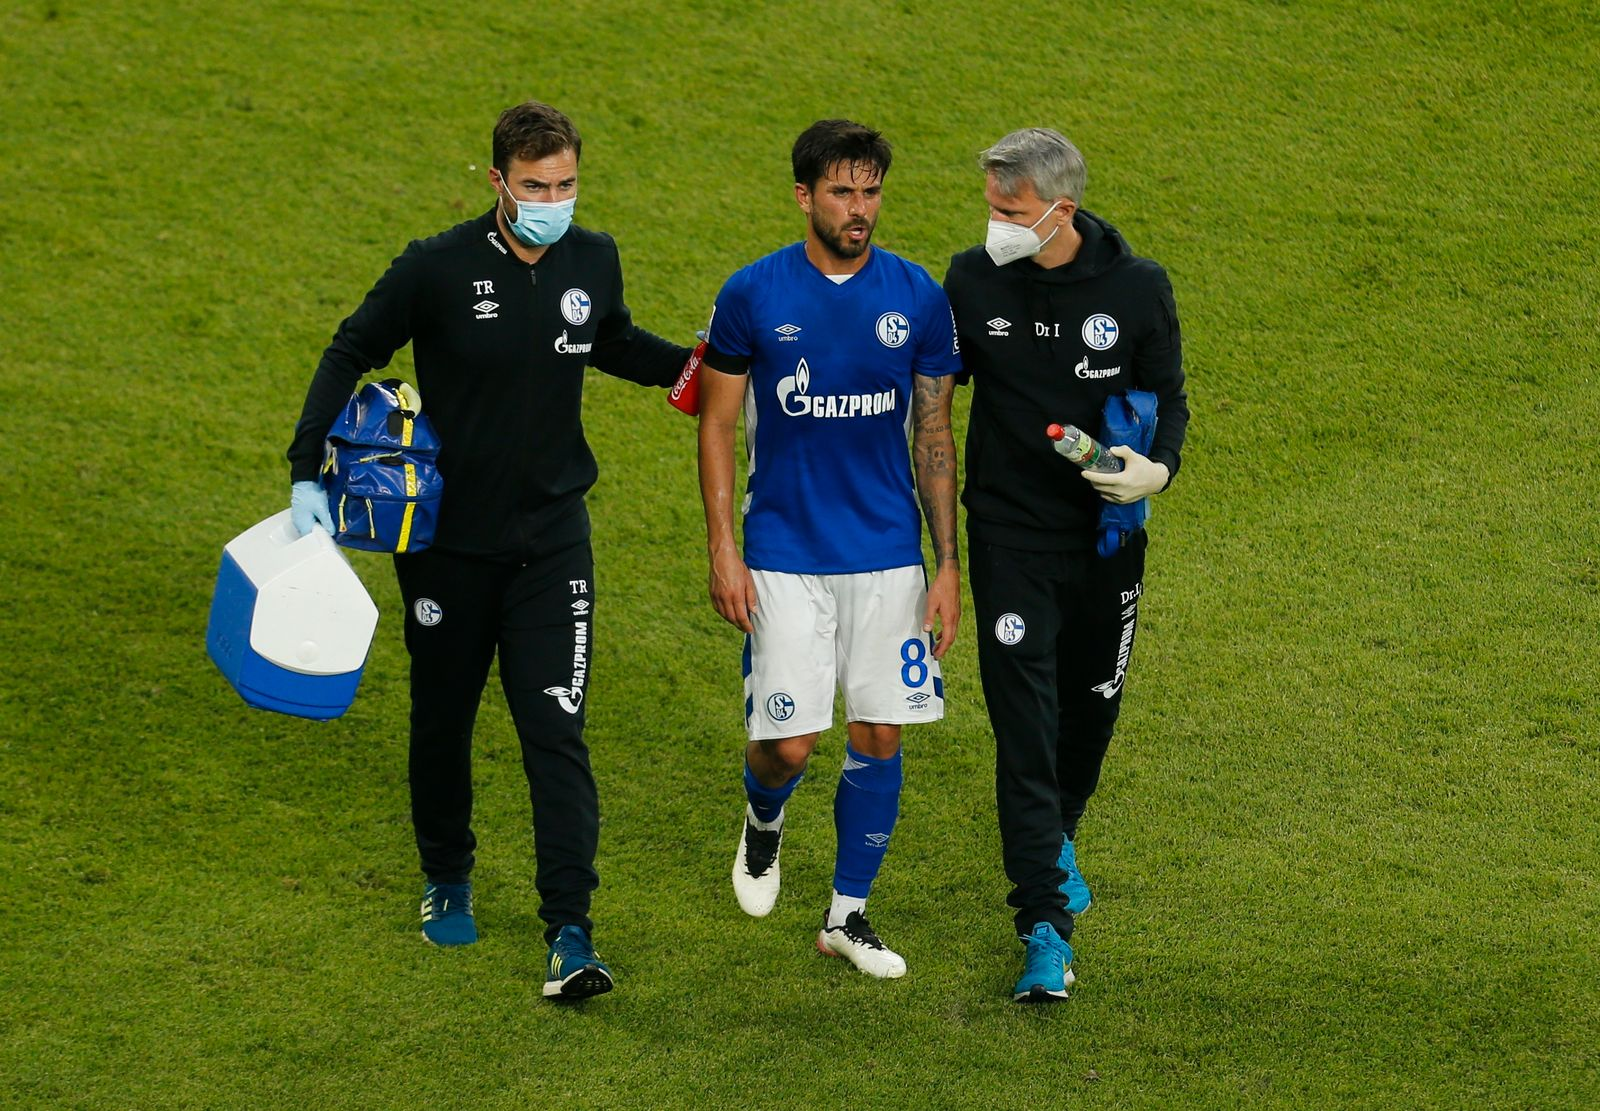 2. Bundesliga - Schalke 04 v Hamburger SV